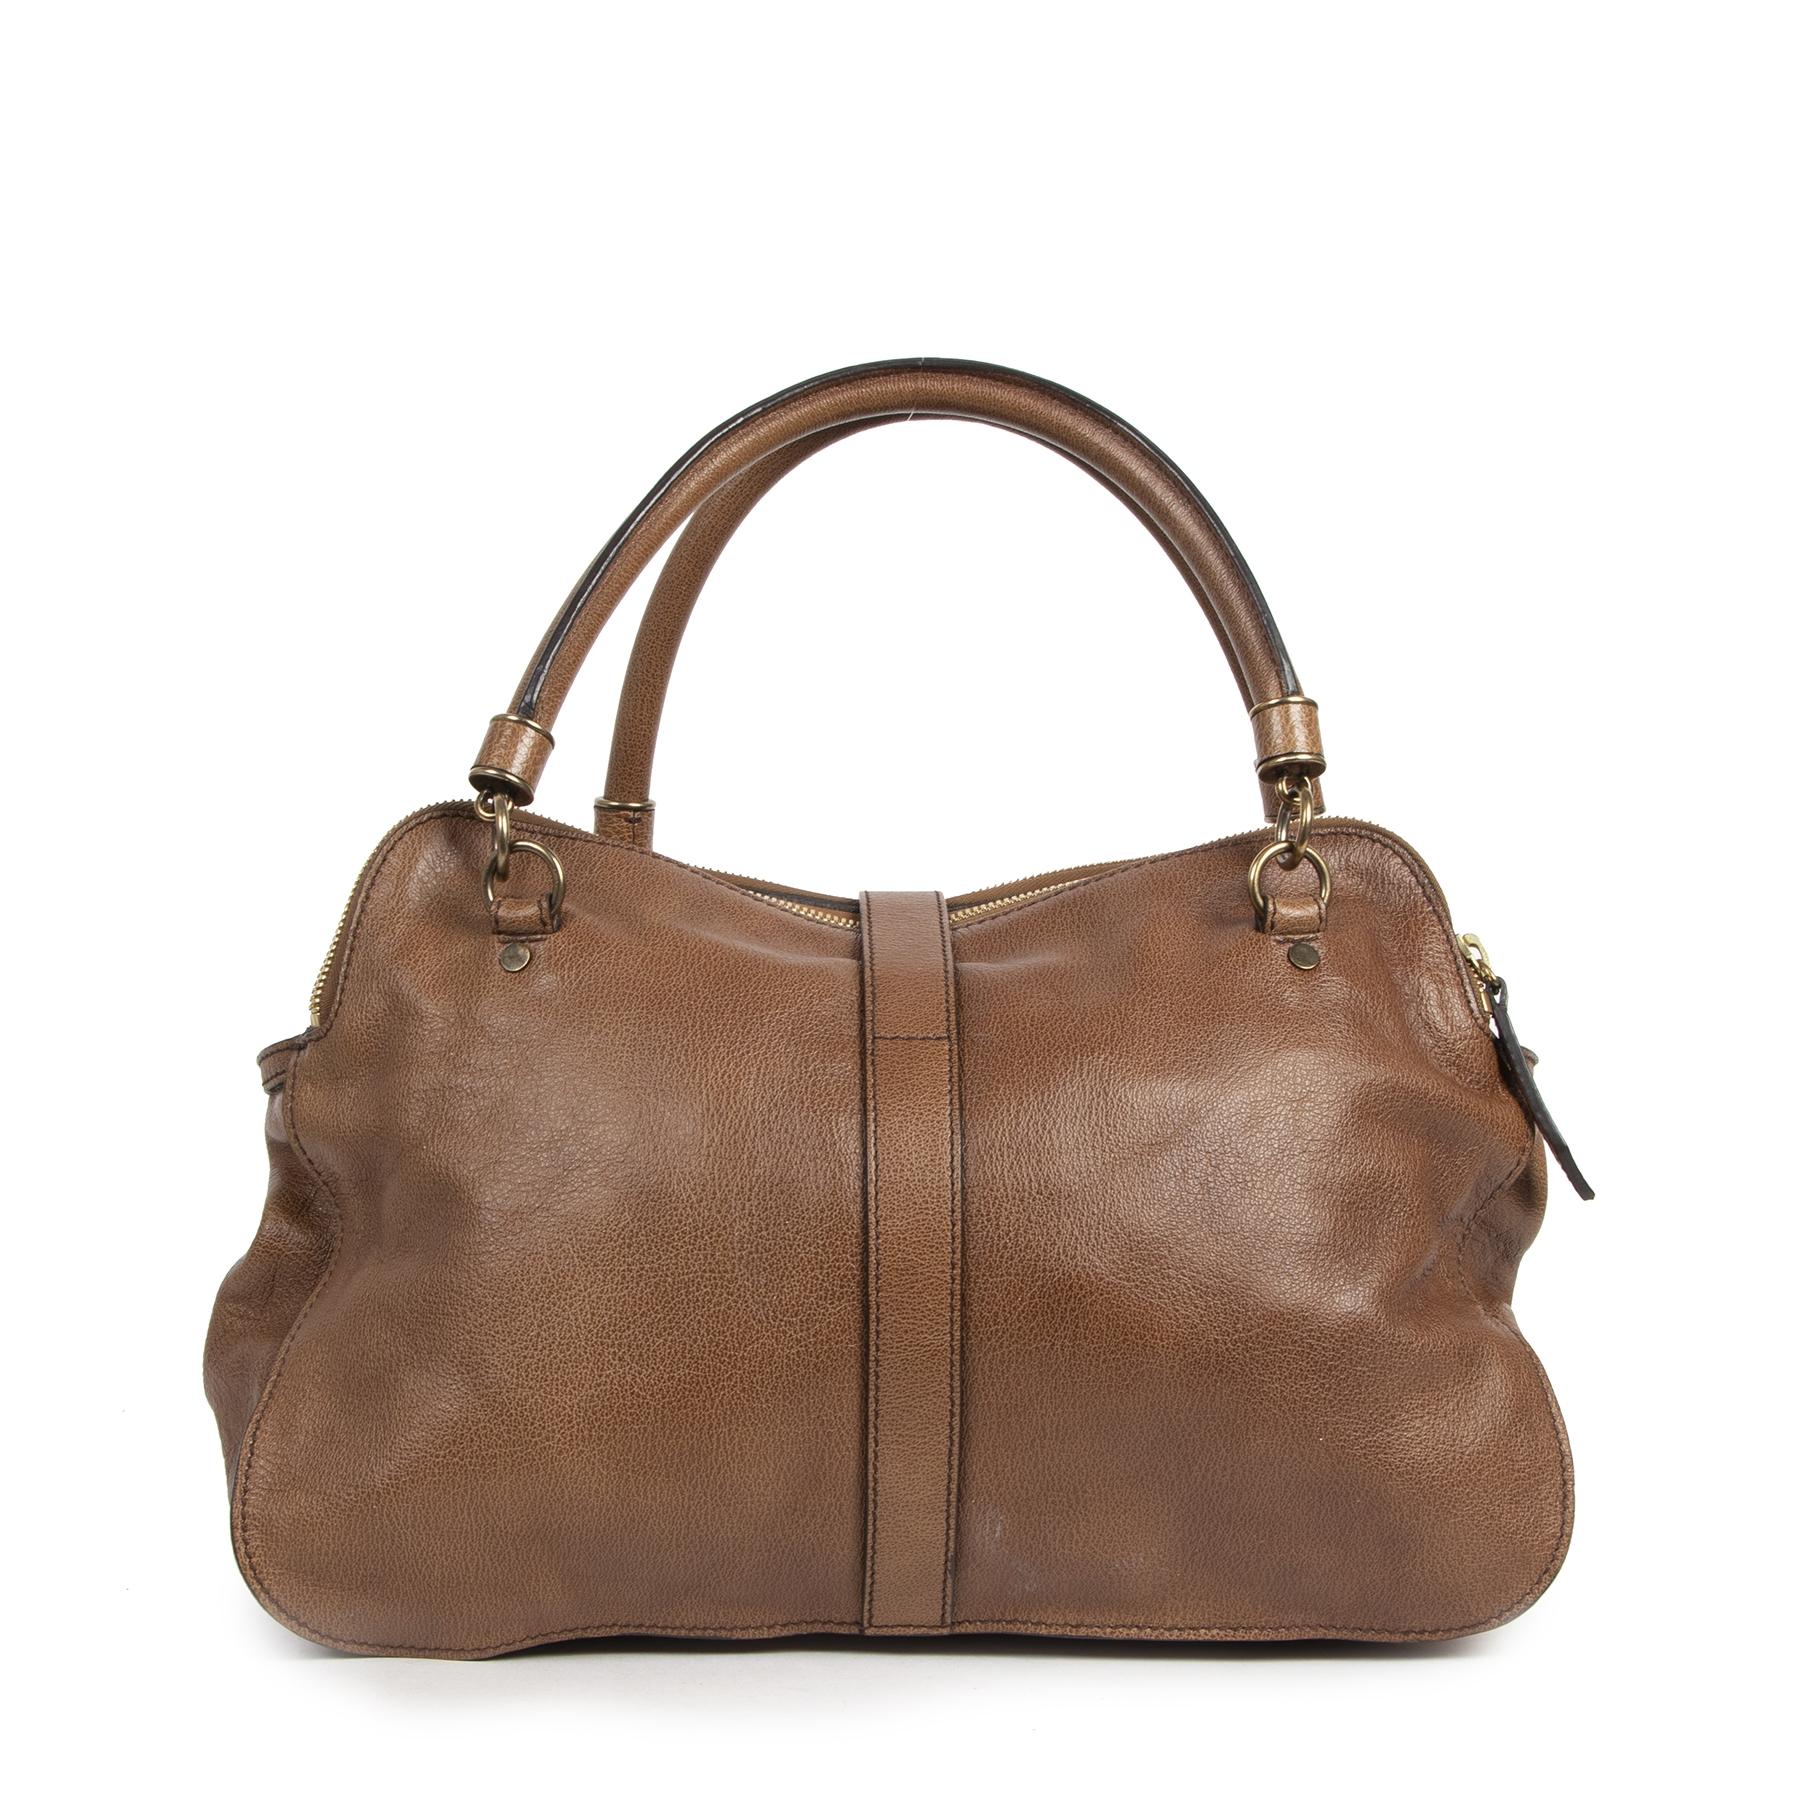 Authentieke Tweedehands Burberry Brown Buffalo Leather Shoulder Bag juiste prijs veilig online shoppen luxe merken webshop winkelen Antwerpen België mode fashion